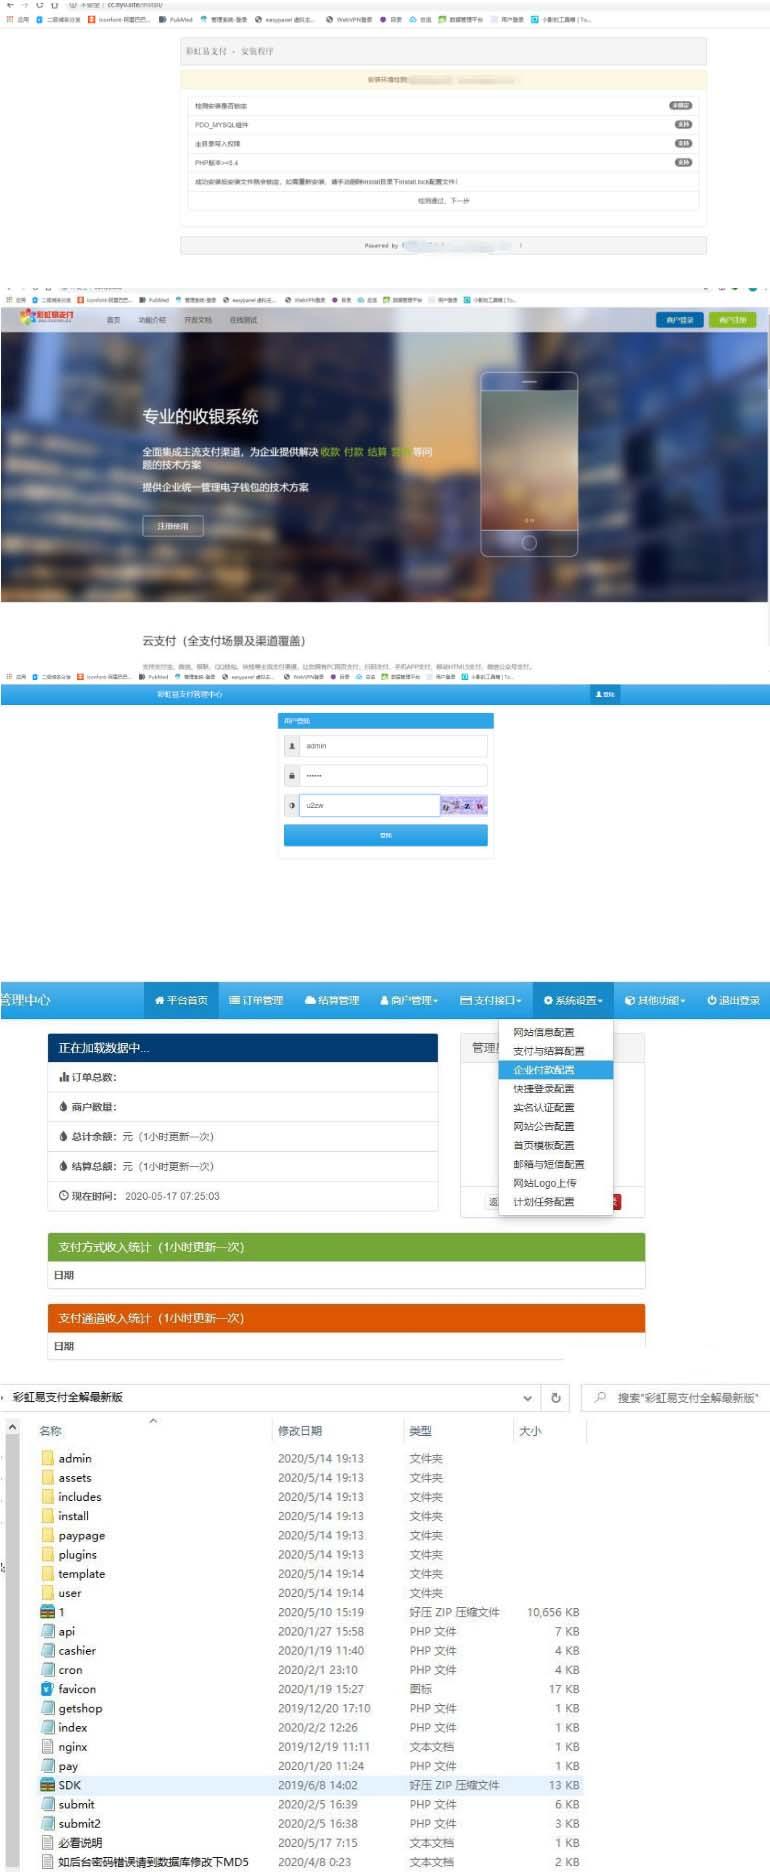 2020年5月最新PHP运营级彩虹HACK易支付系统源码 全破解去后门 第1张